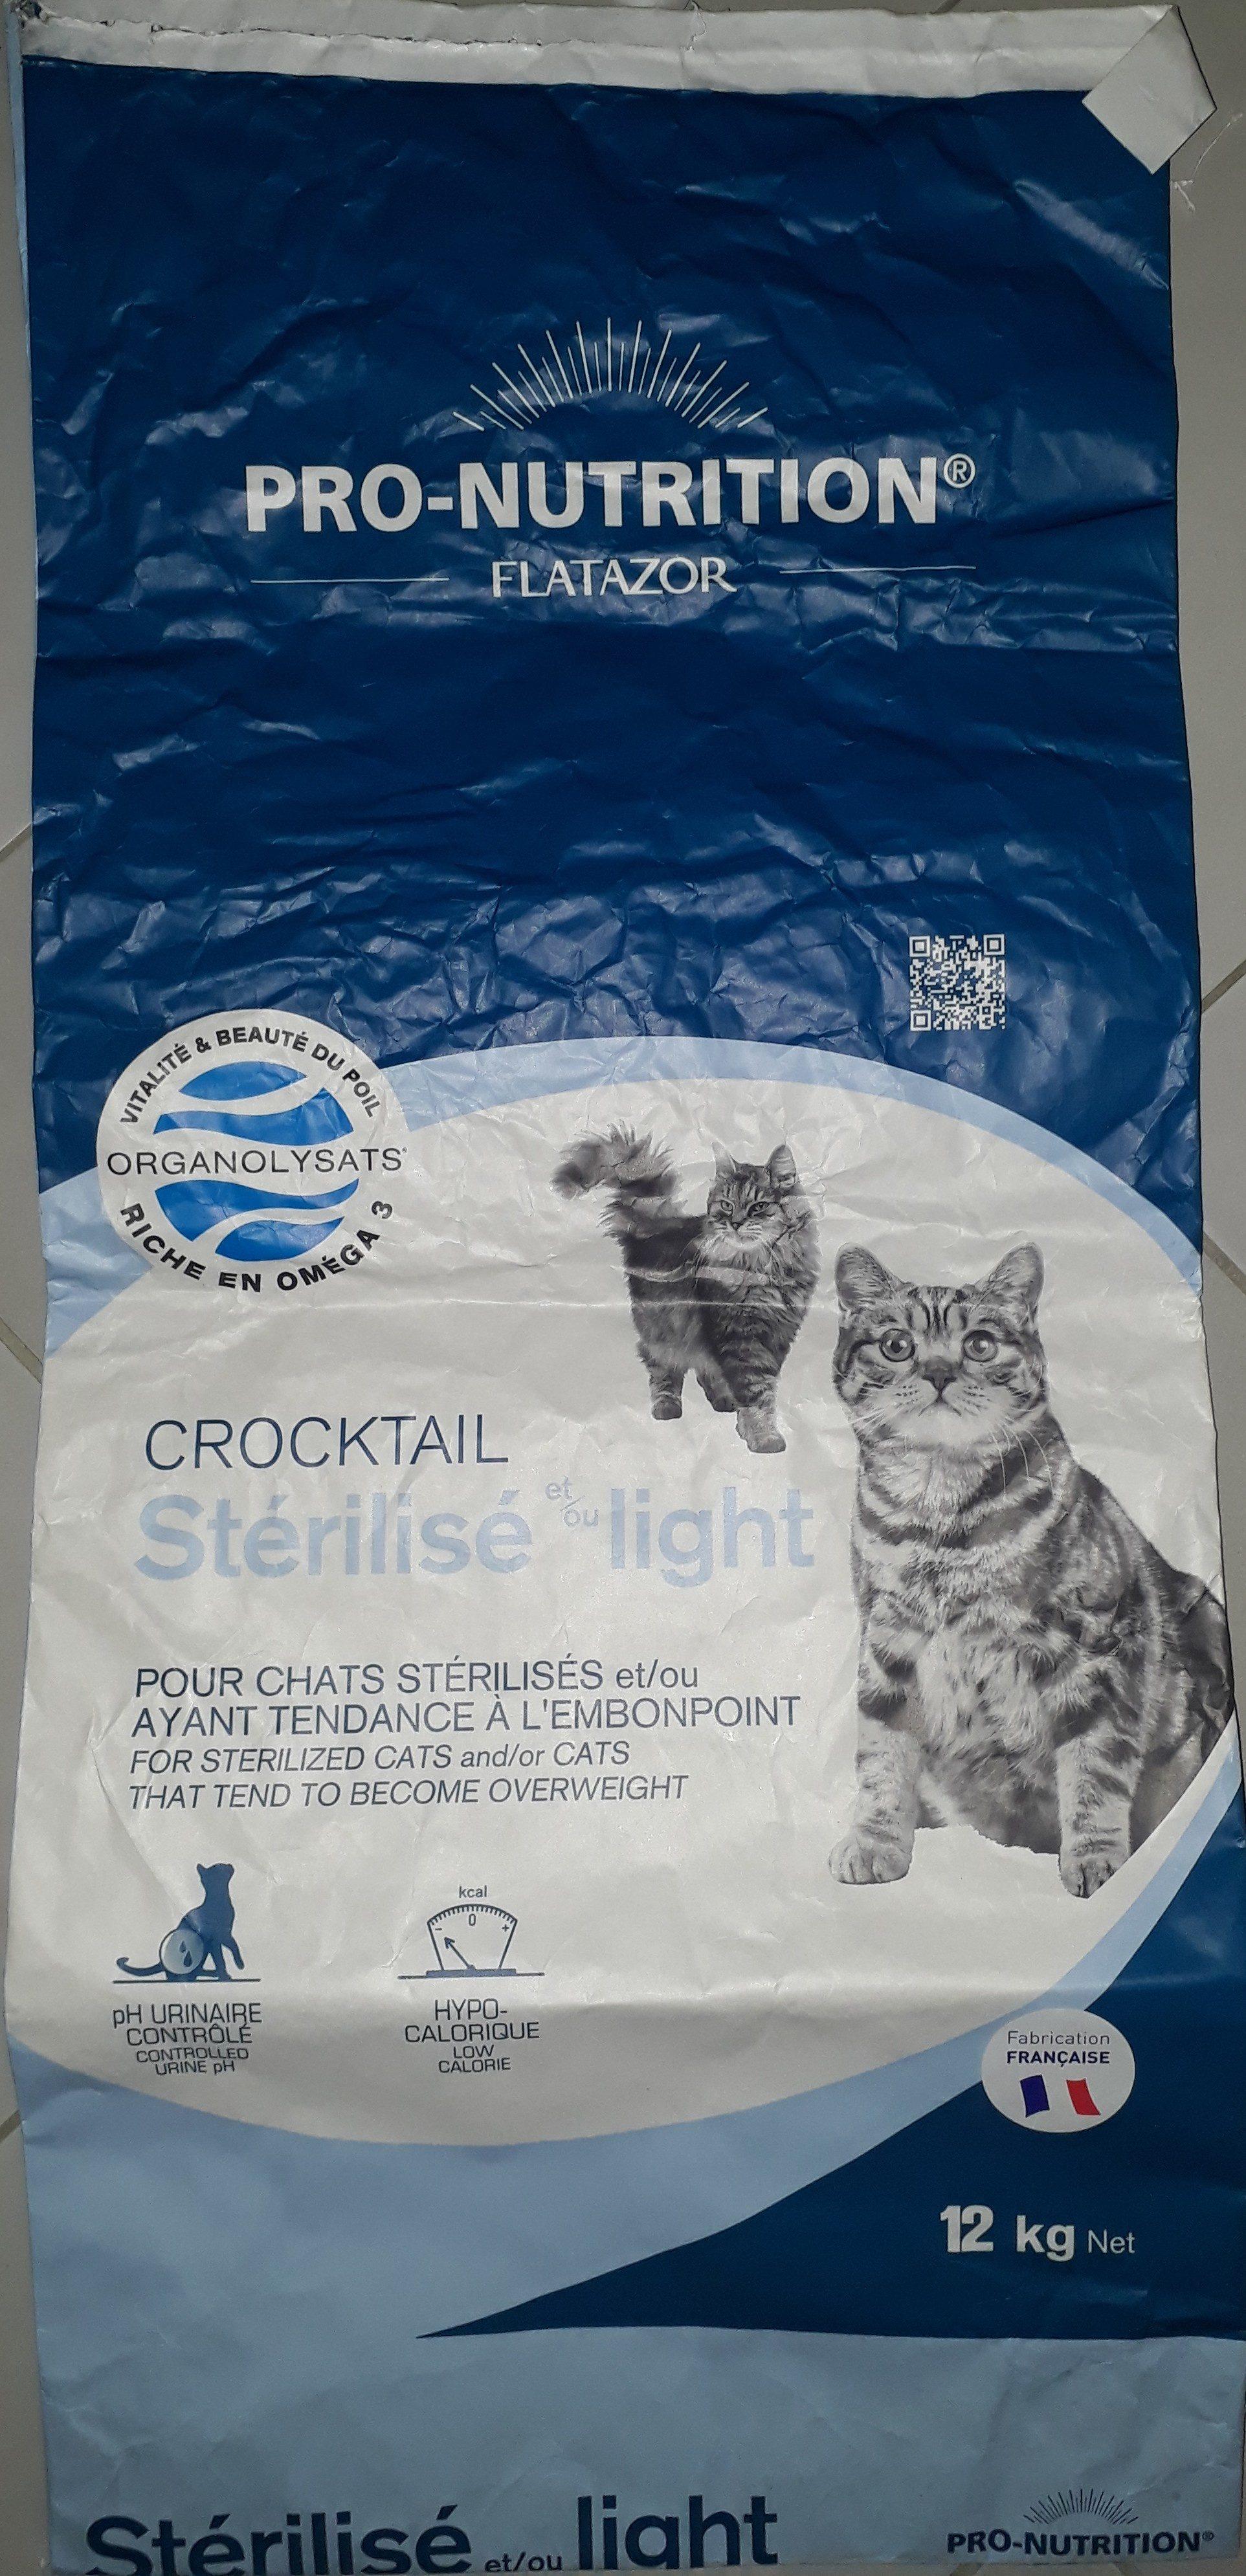 Crocktail Stérilisé et/ou light - Product - fr